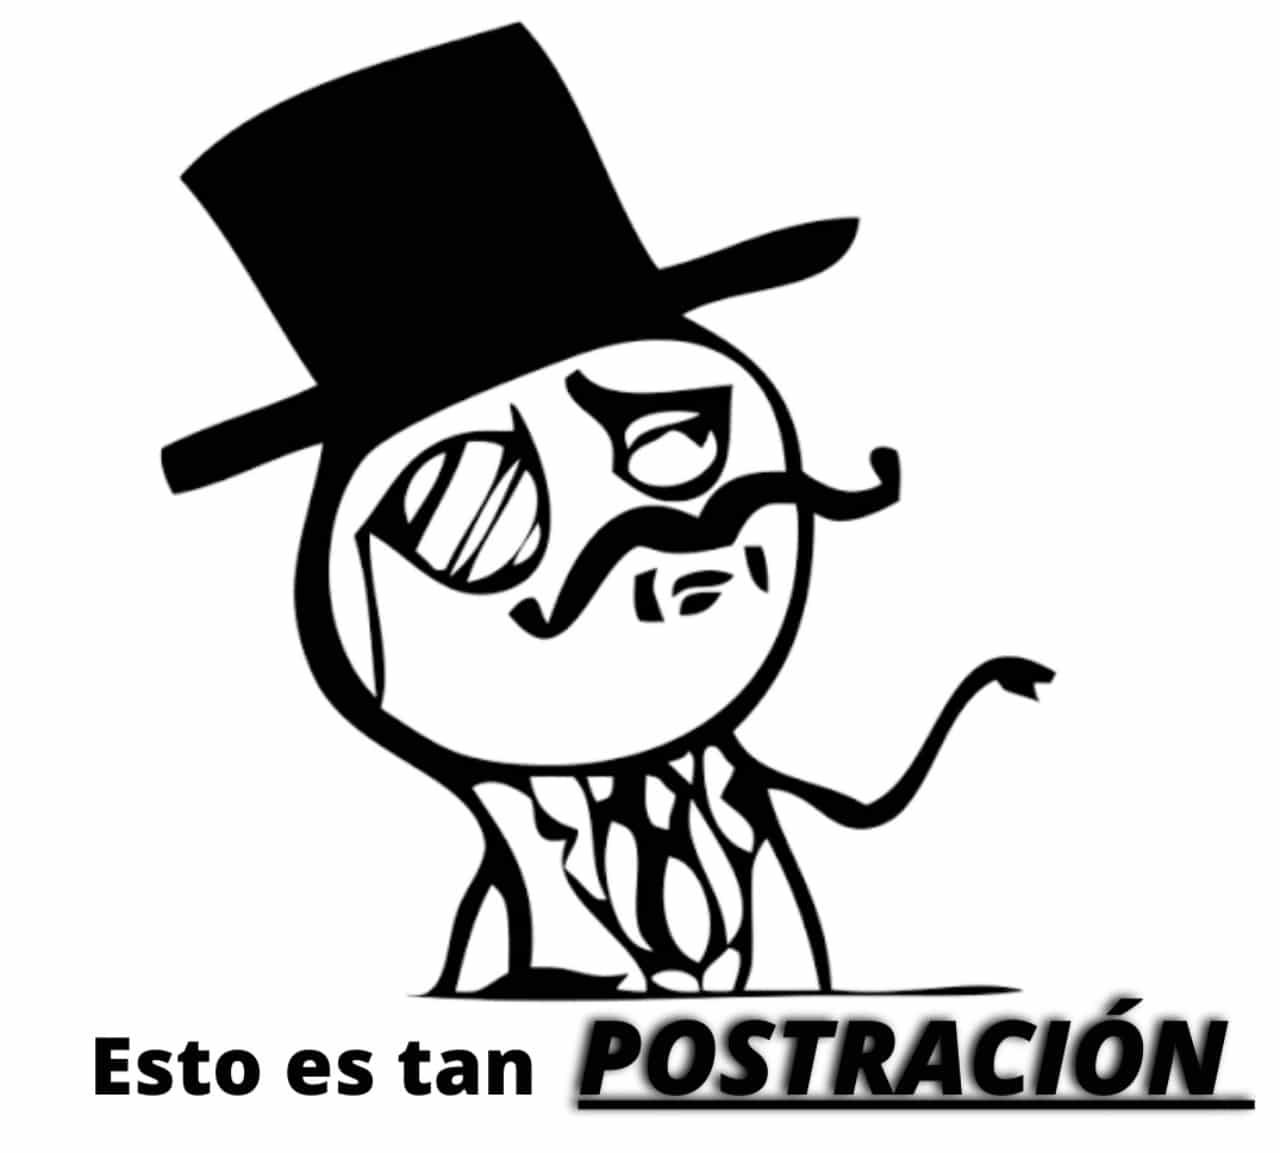 Memes usar palabra postracion para todo